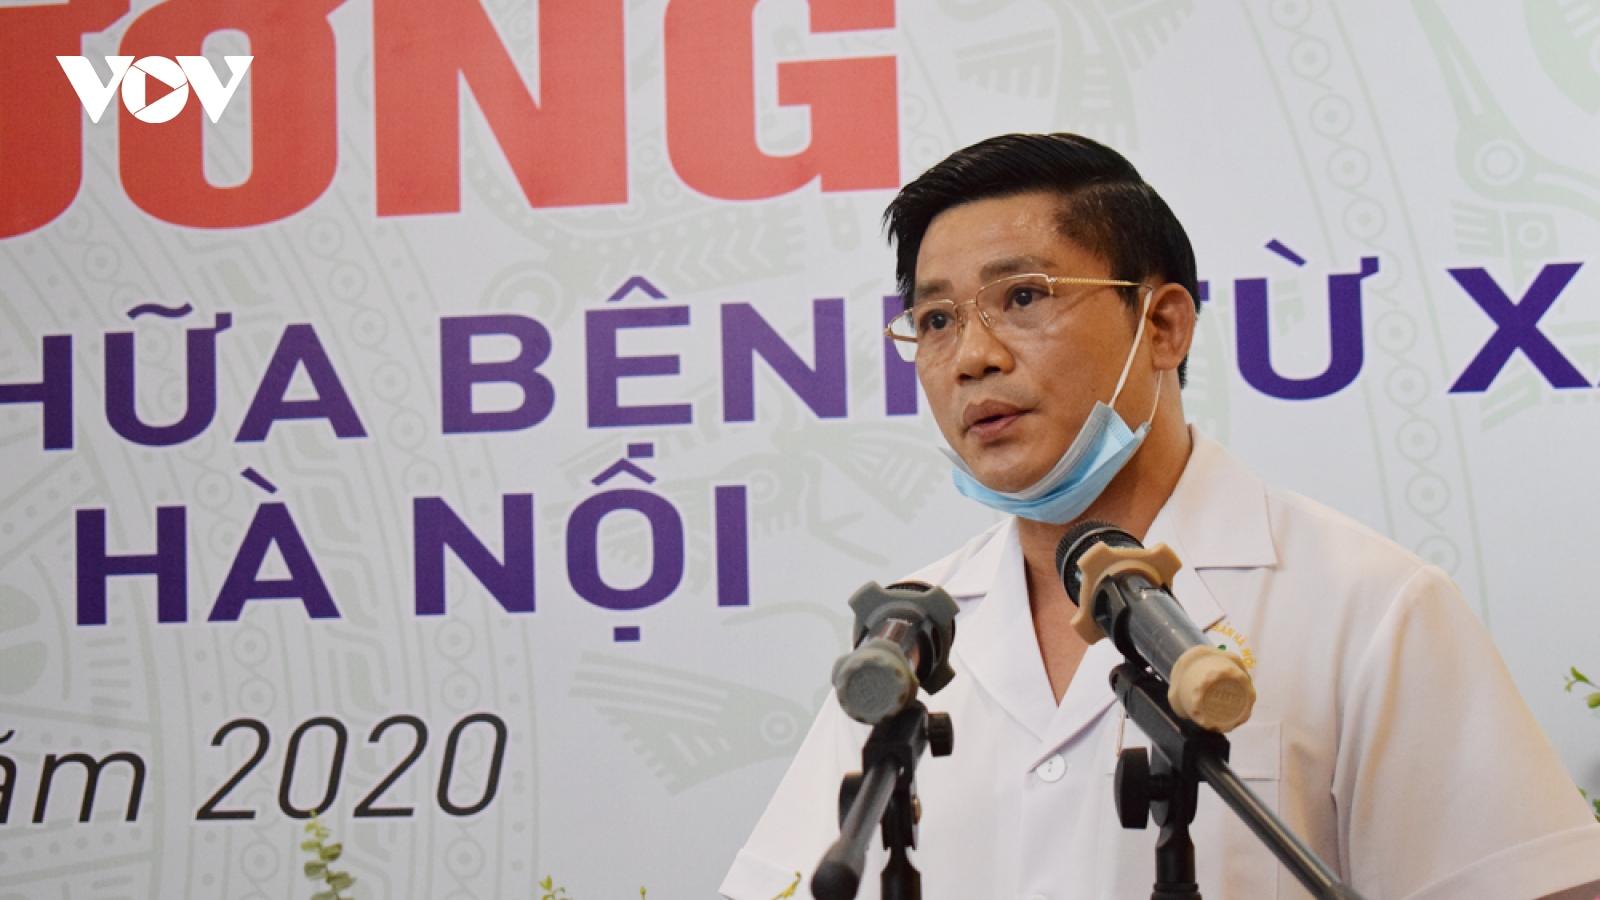 PGS.TS Nguyễn Duy Ánh: Khám chữa bệnh từ xa giảm tỷ lệ tử vong ở mẹ và trẻ sơ sinh